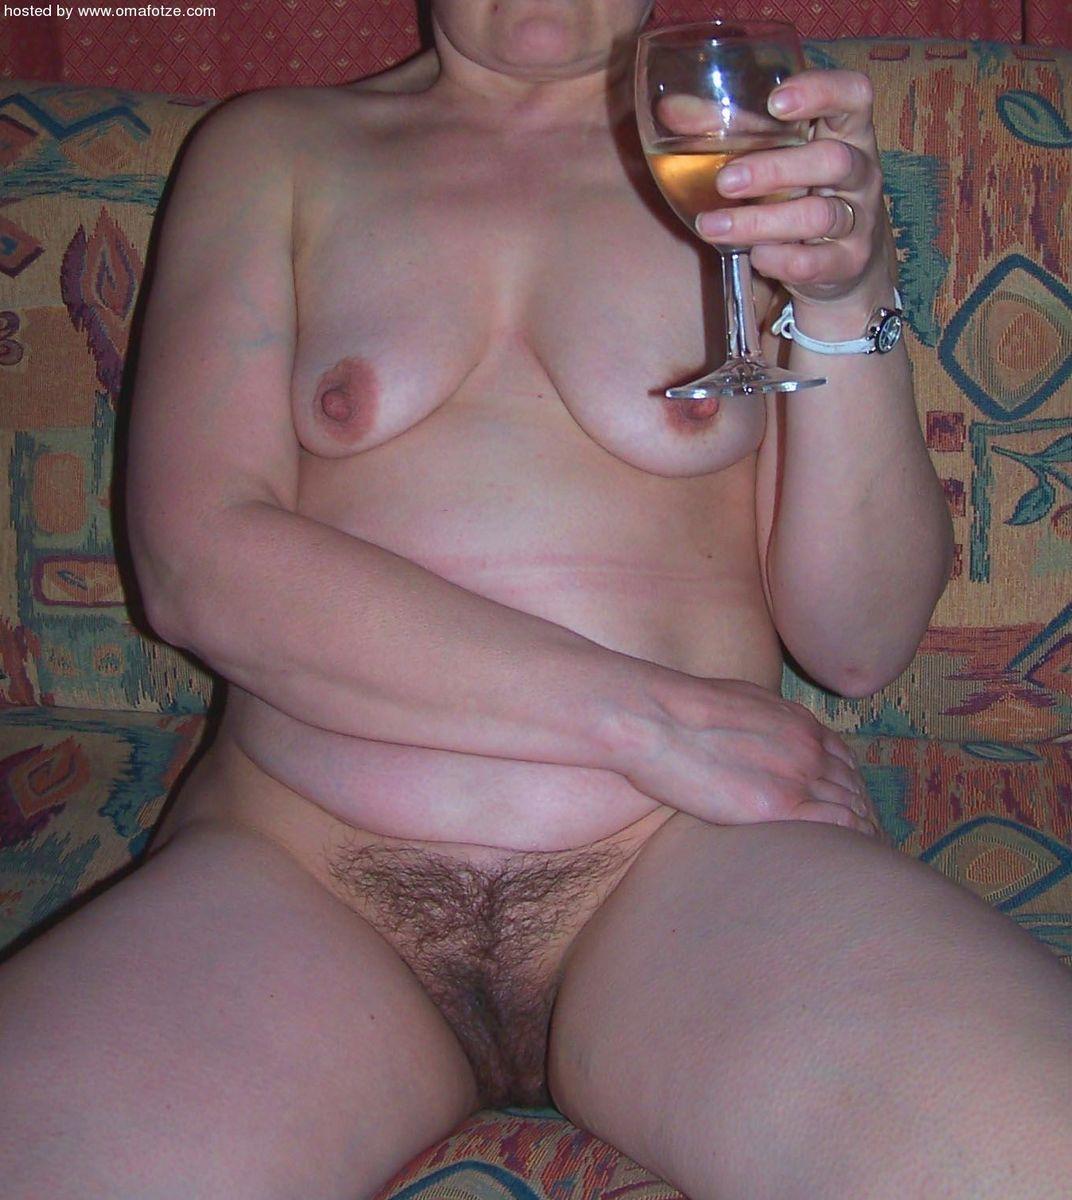 amateur sexdate oma sex vid